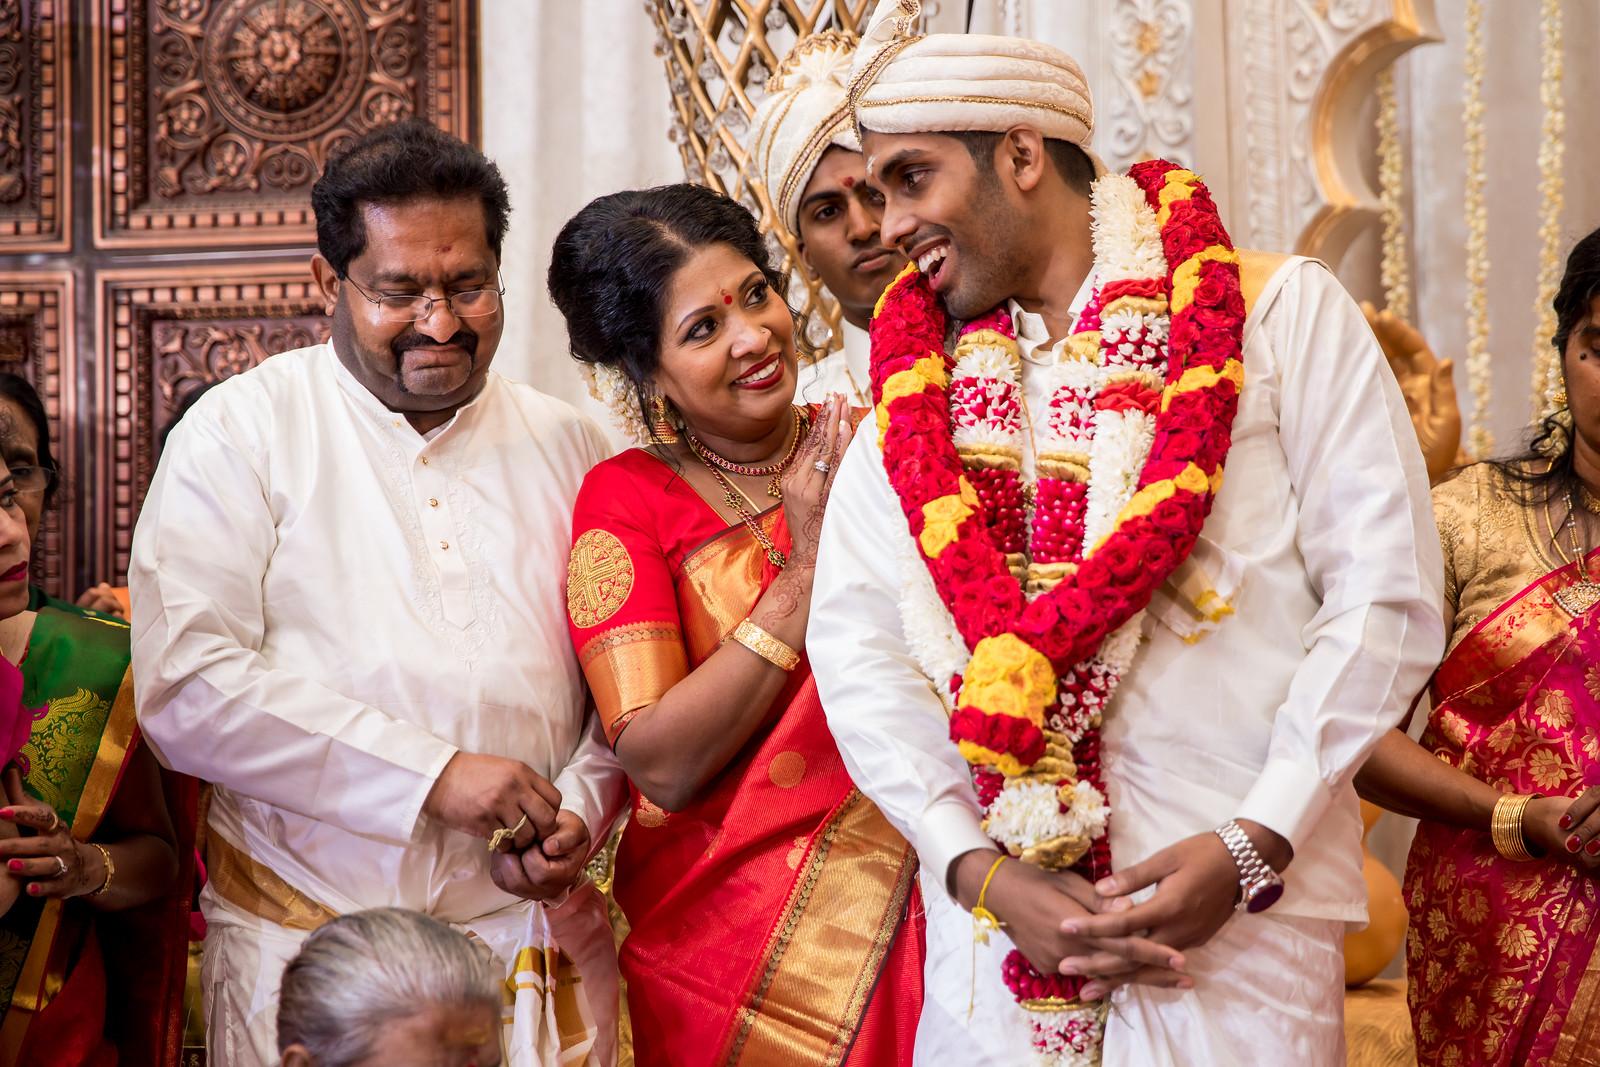 Shironisha & Mithun - Wedding & Reception - Edited-431-X3.jpg